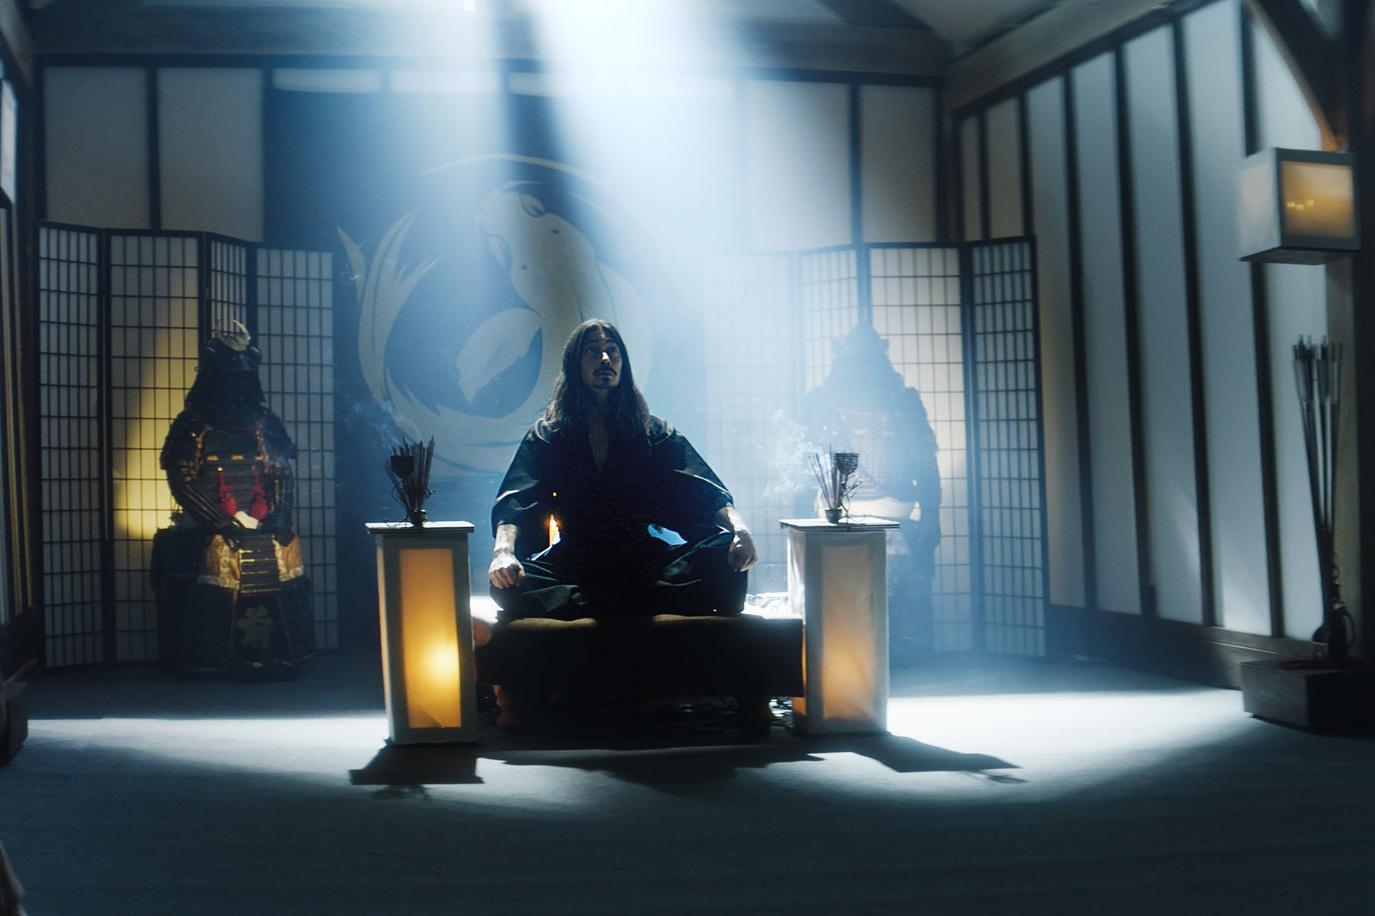 MAD+LORD+Samurai+of+1000+Deaths+-+Still080.jpg